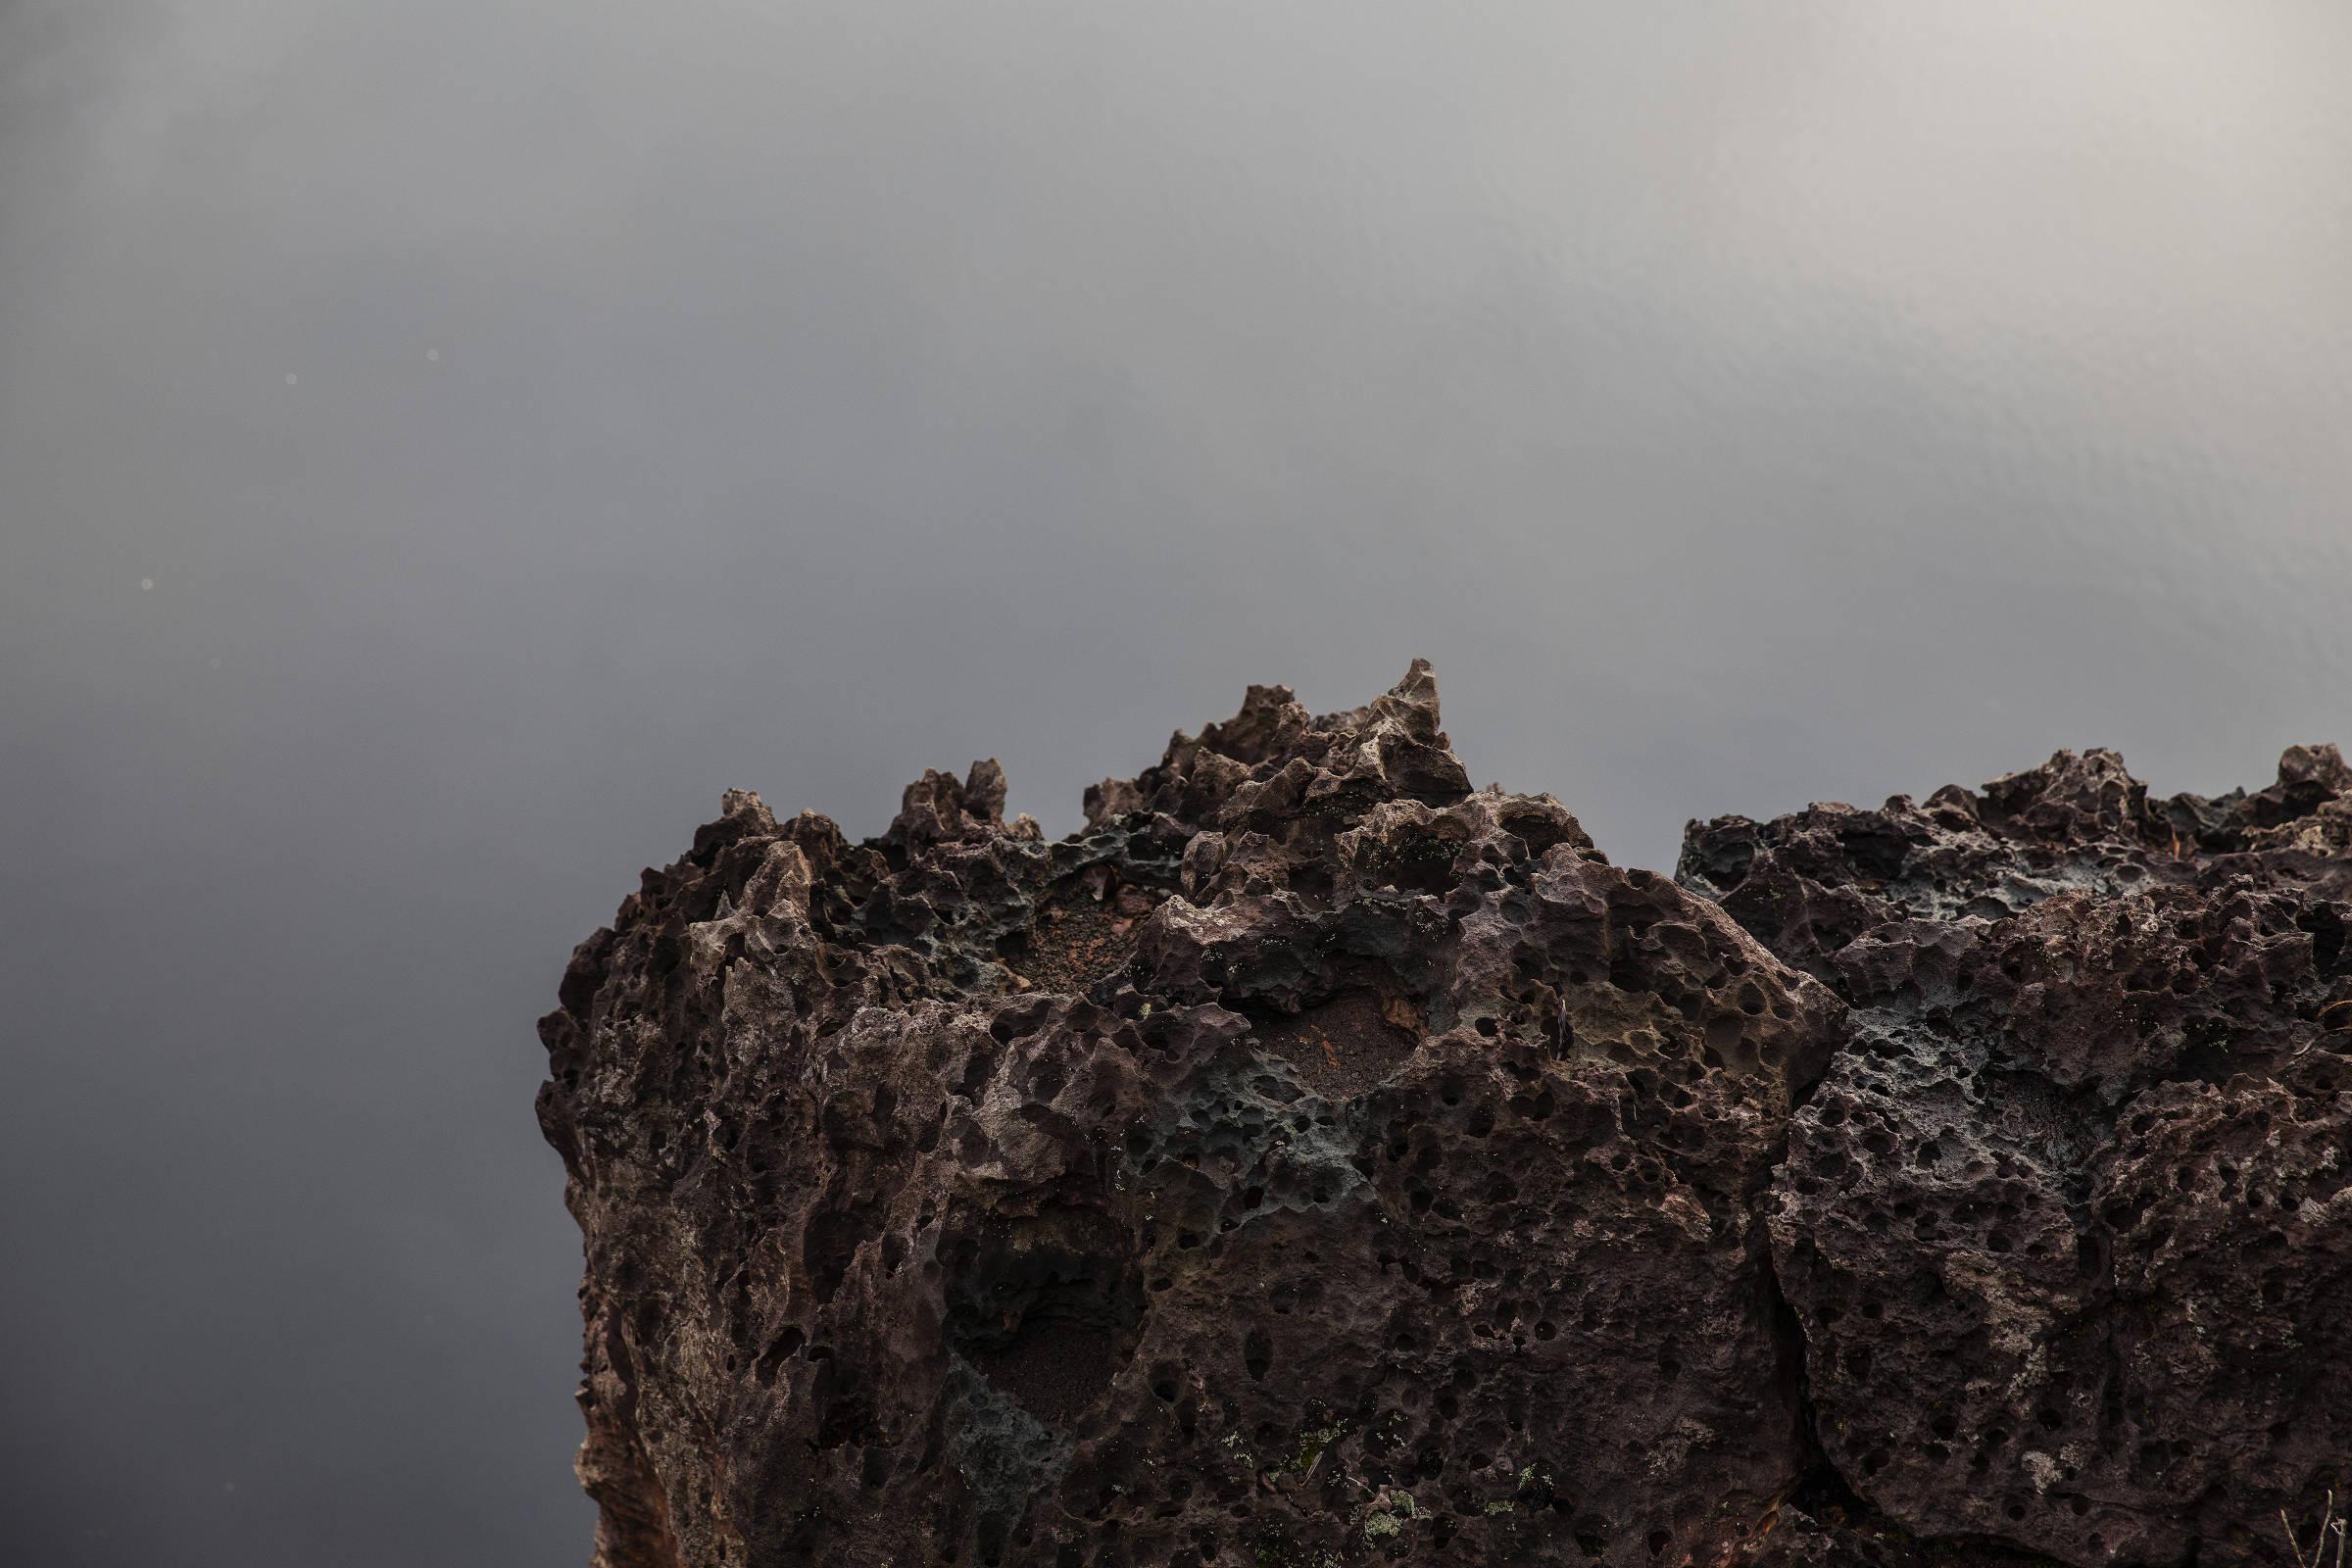 Formações rochosas às margens do lago do Dragão; região dentro da Terra Indígena Balaio concentra uma das maiores reservas de nióbio do mundo